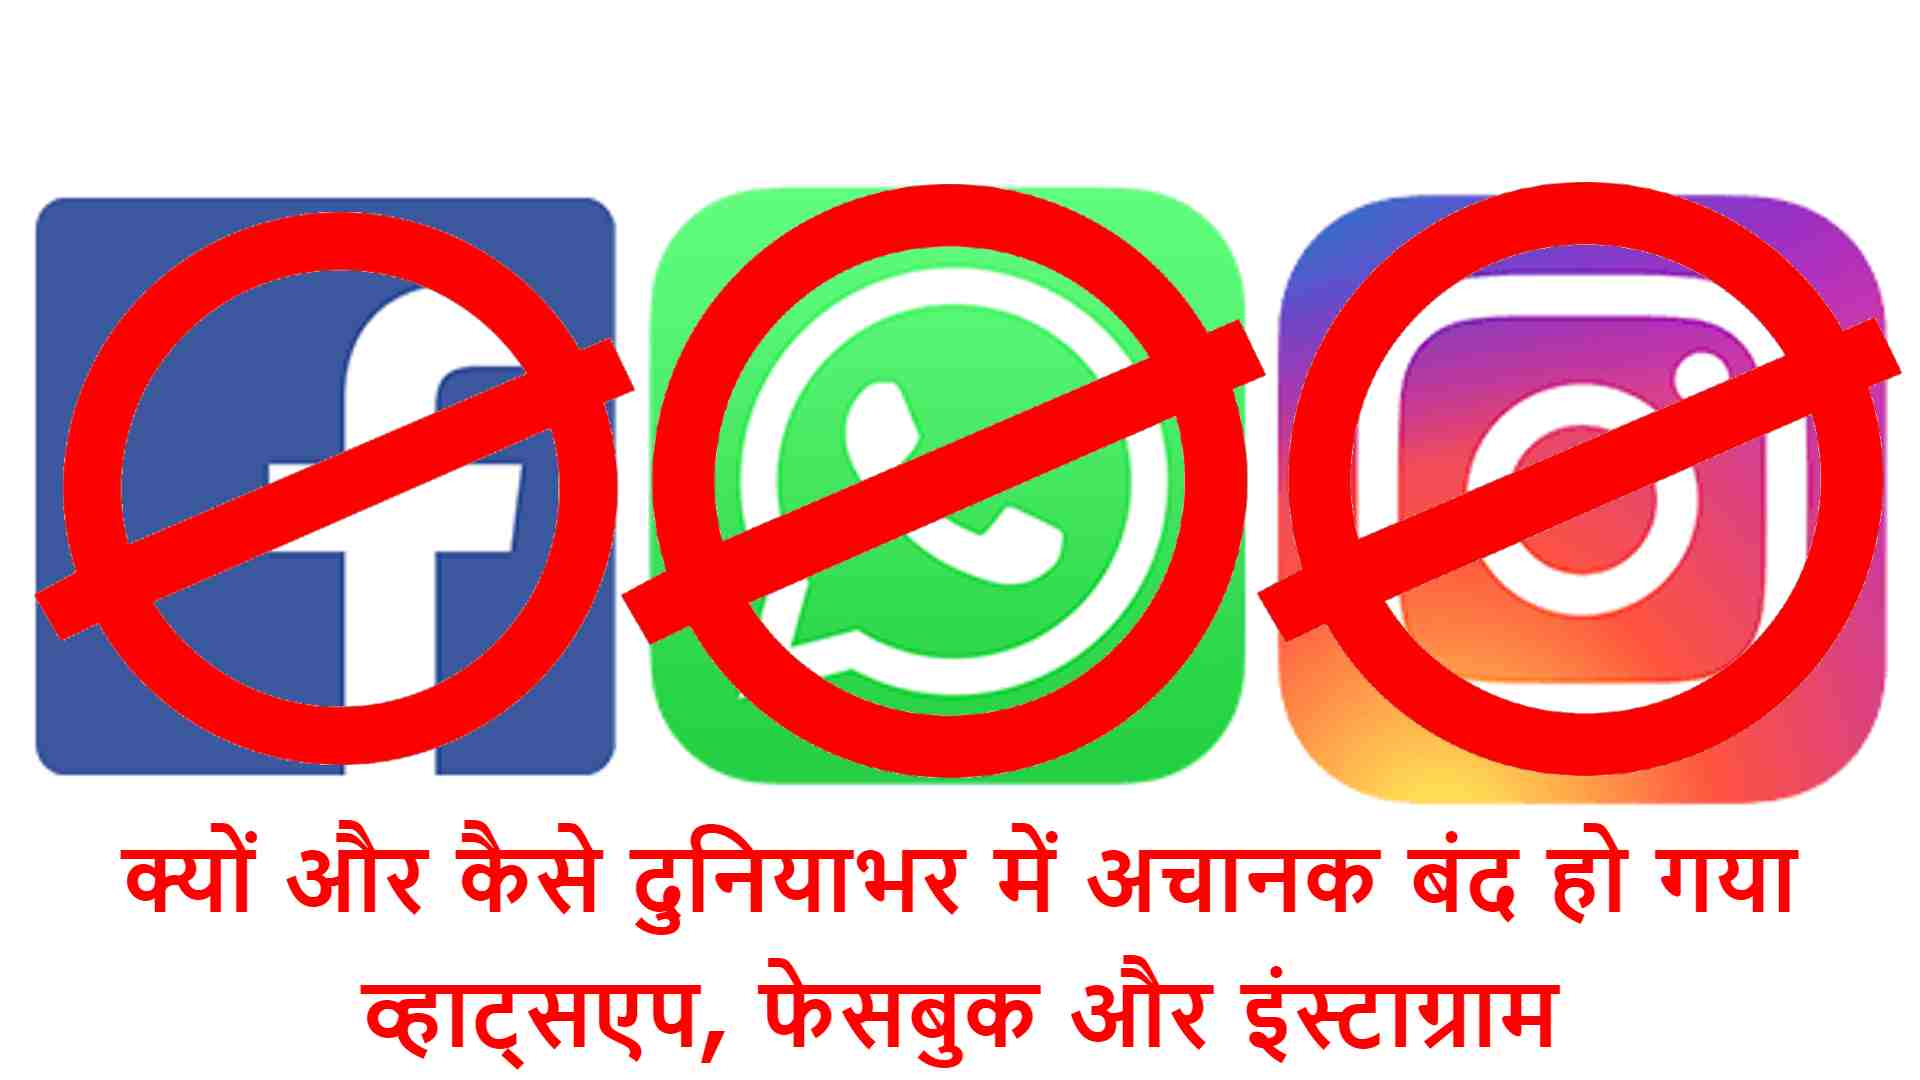 क्यों और कैसे दुनियाभर में अचानक बंद हो गया व्हाट्सएप, फेसबुक और इंस्टाग्राम